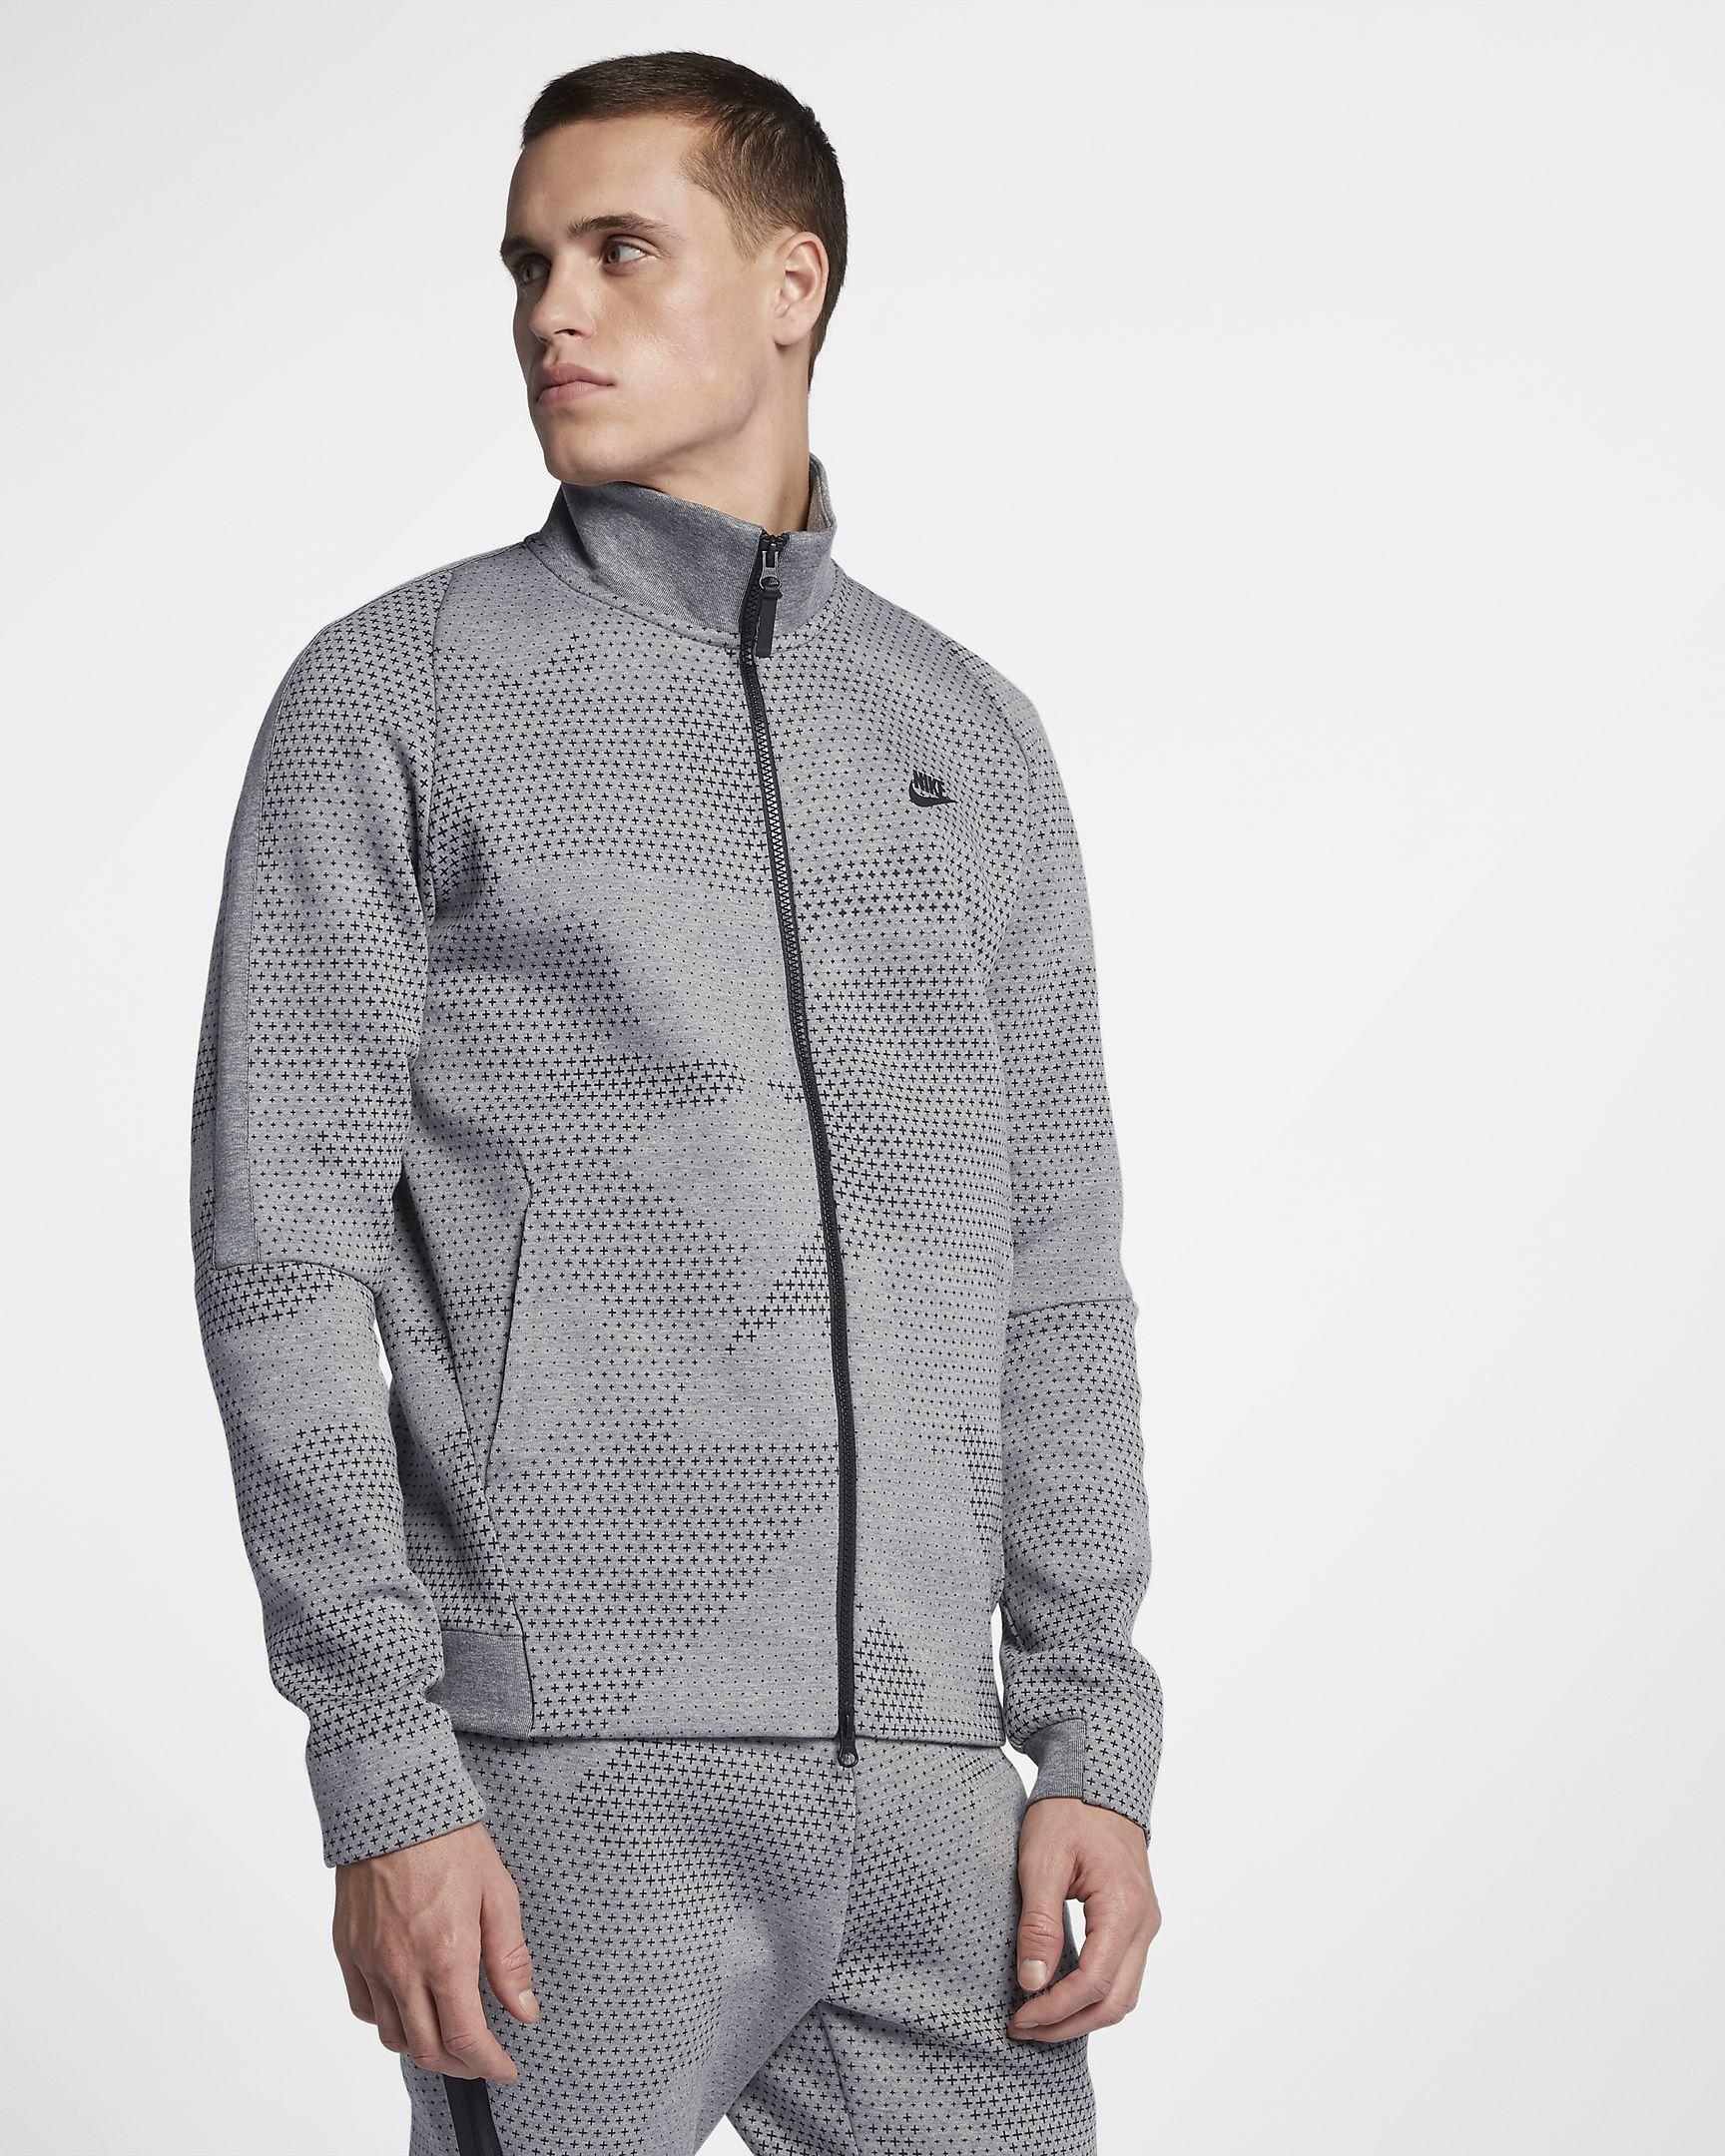 028a59f1610 Nike Sportswear Tech Fleece Jacket - SPORTING GOODS Sports Hoodies |  Sweatshirts - Superfanas.lt